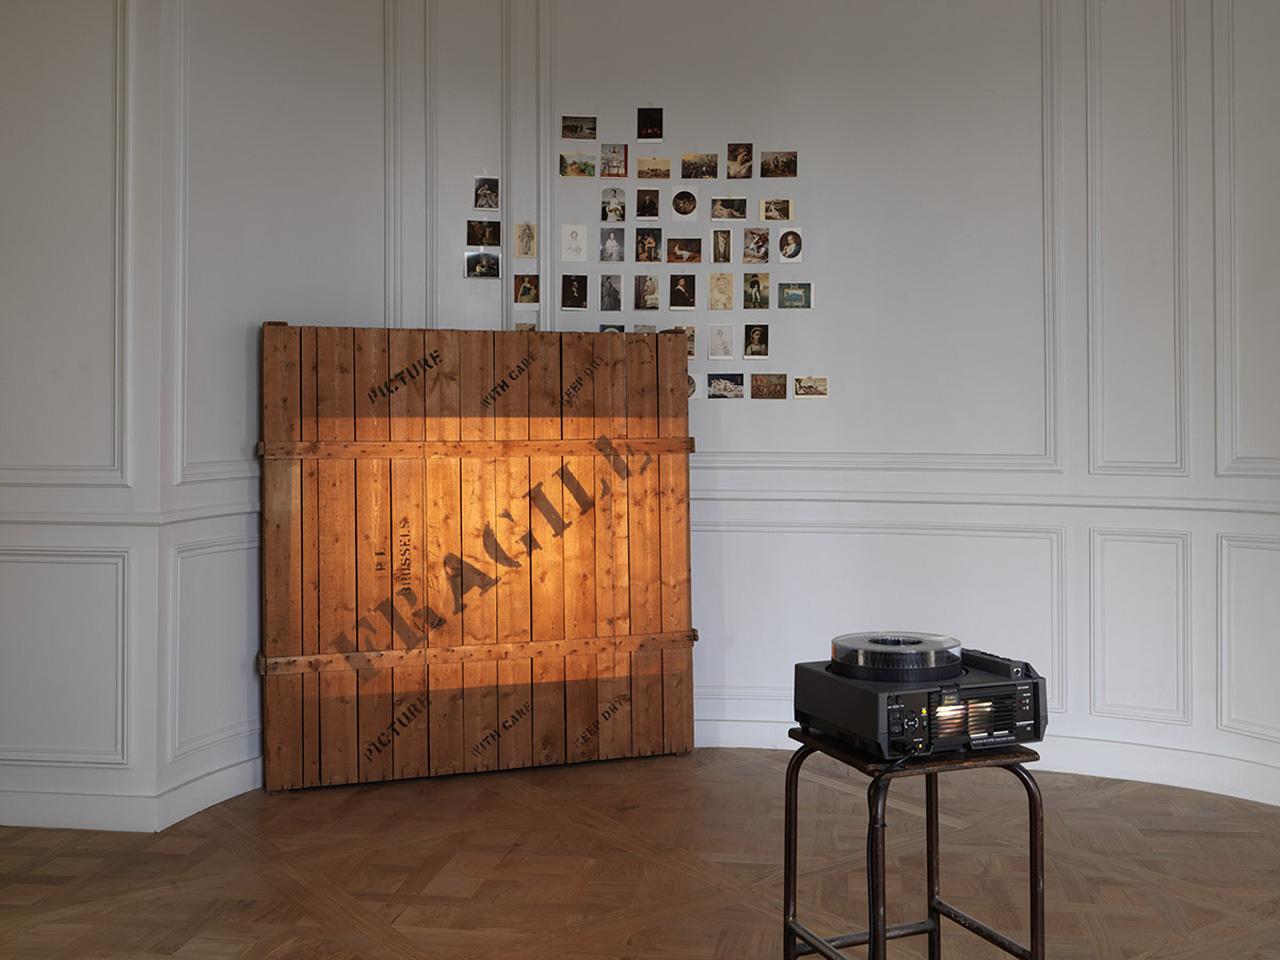 Installation view of Musée d'Art Moderne - Département des Aigles 3